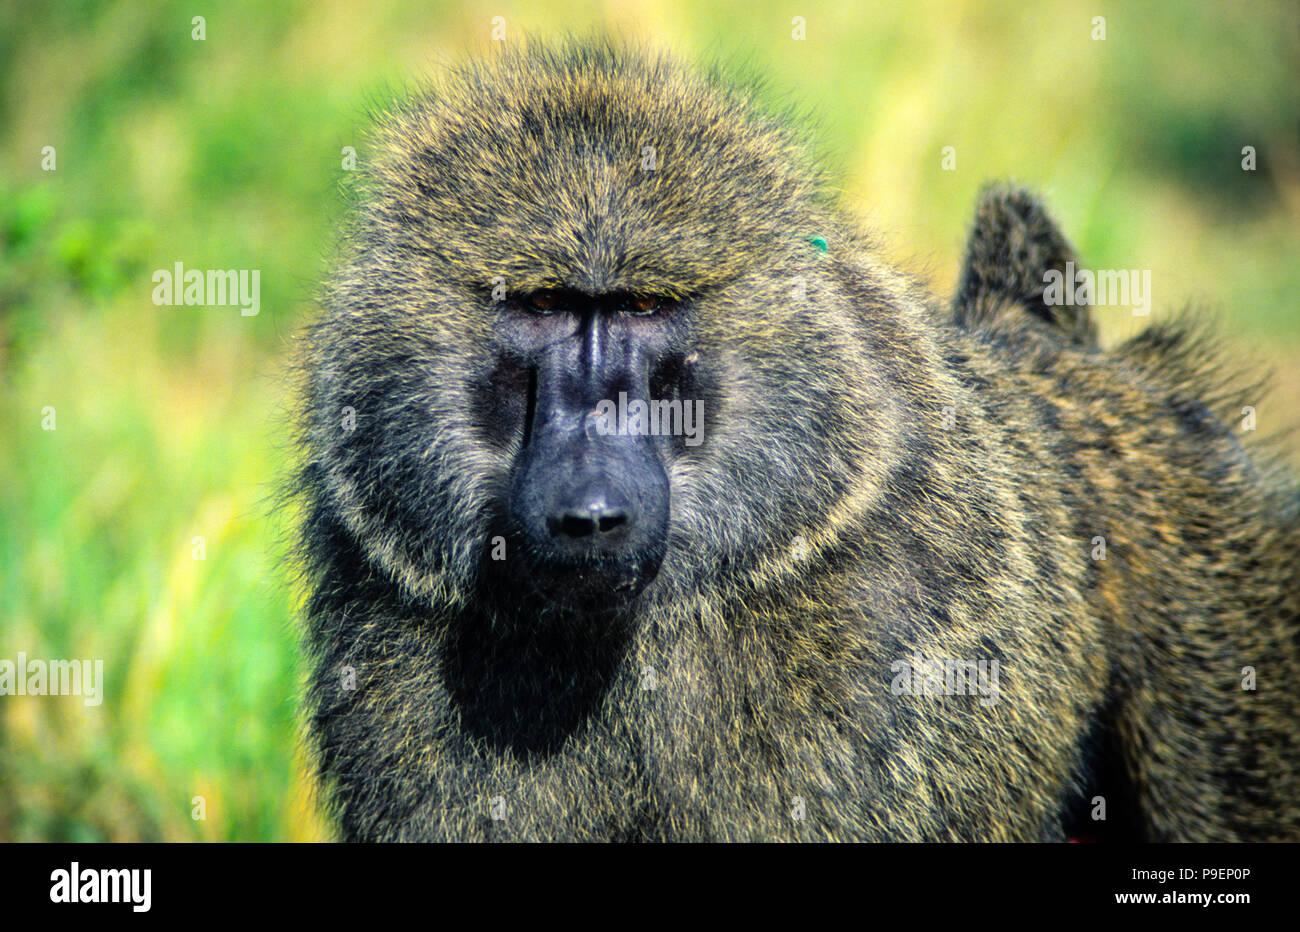 Baboon,Papio Anubis,  Maasai Mara National Park, Kenya, Africa. - Stock Image